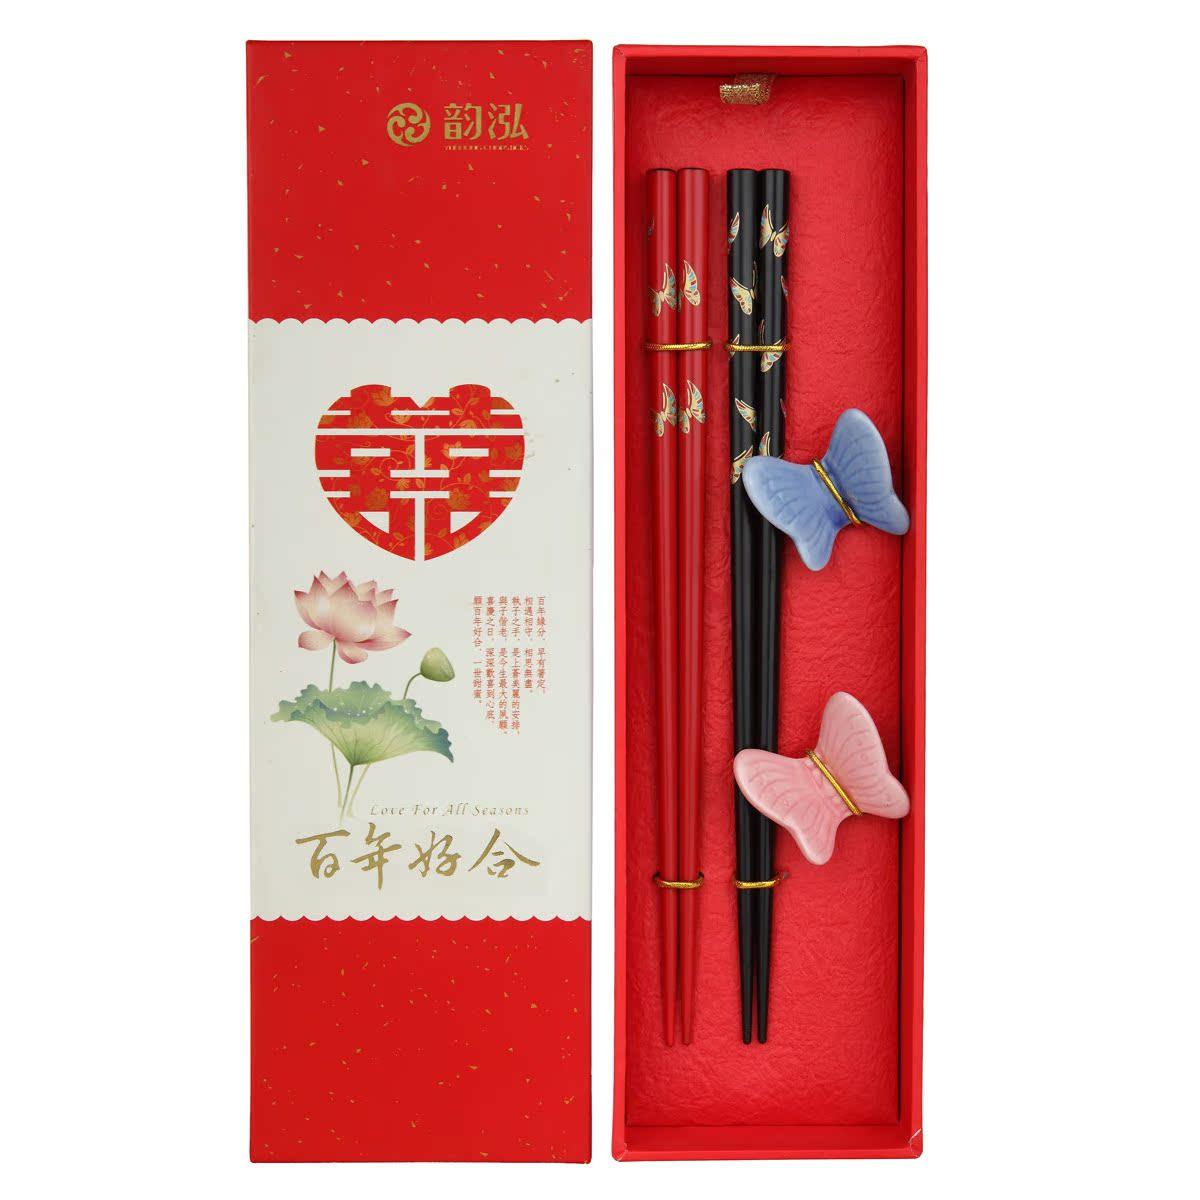 【免邮 免费刻字】韵泓 筷子 套装创意婚庆礼品筷 比翼双飞 2602